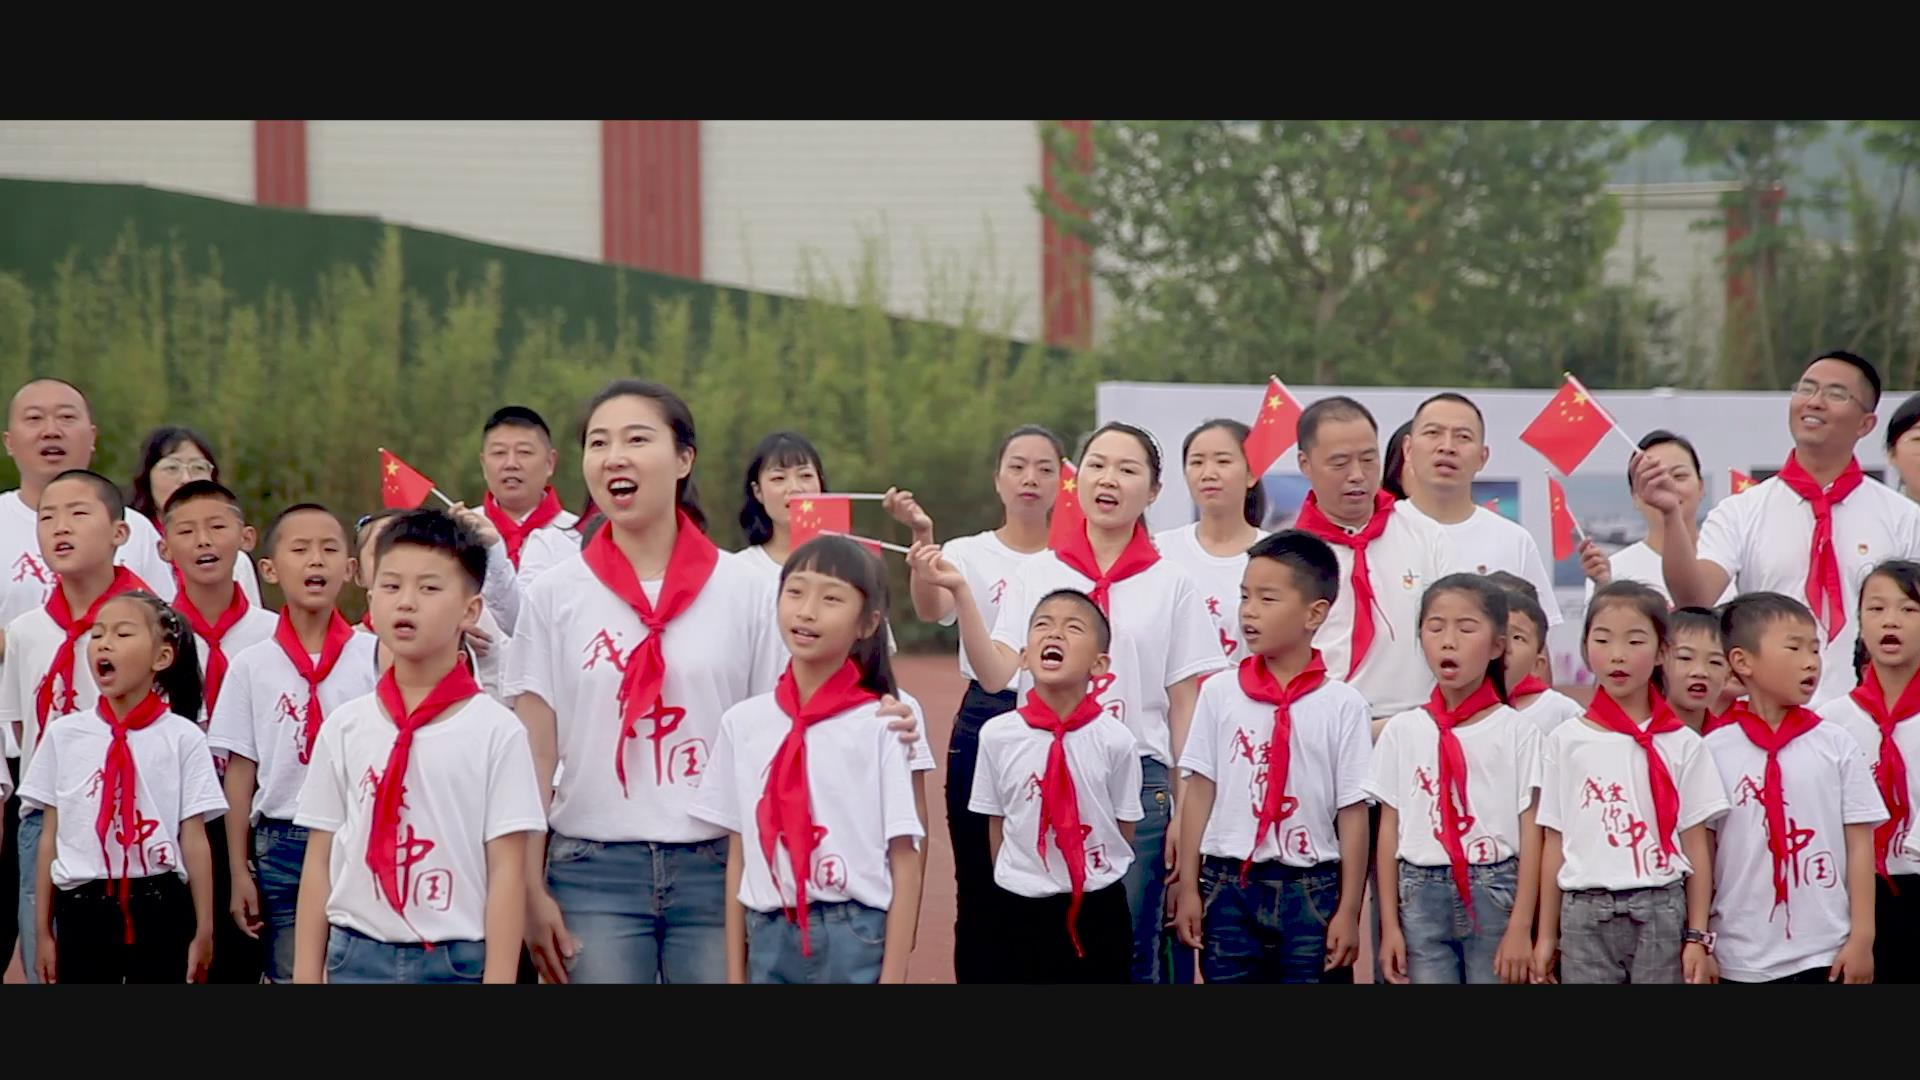 万达学校-歌唱祖国快闪